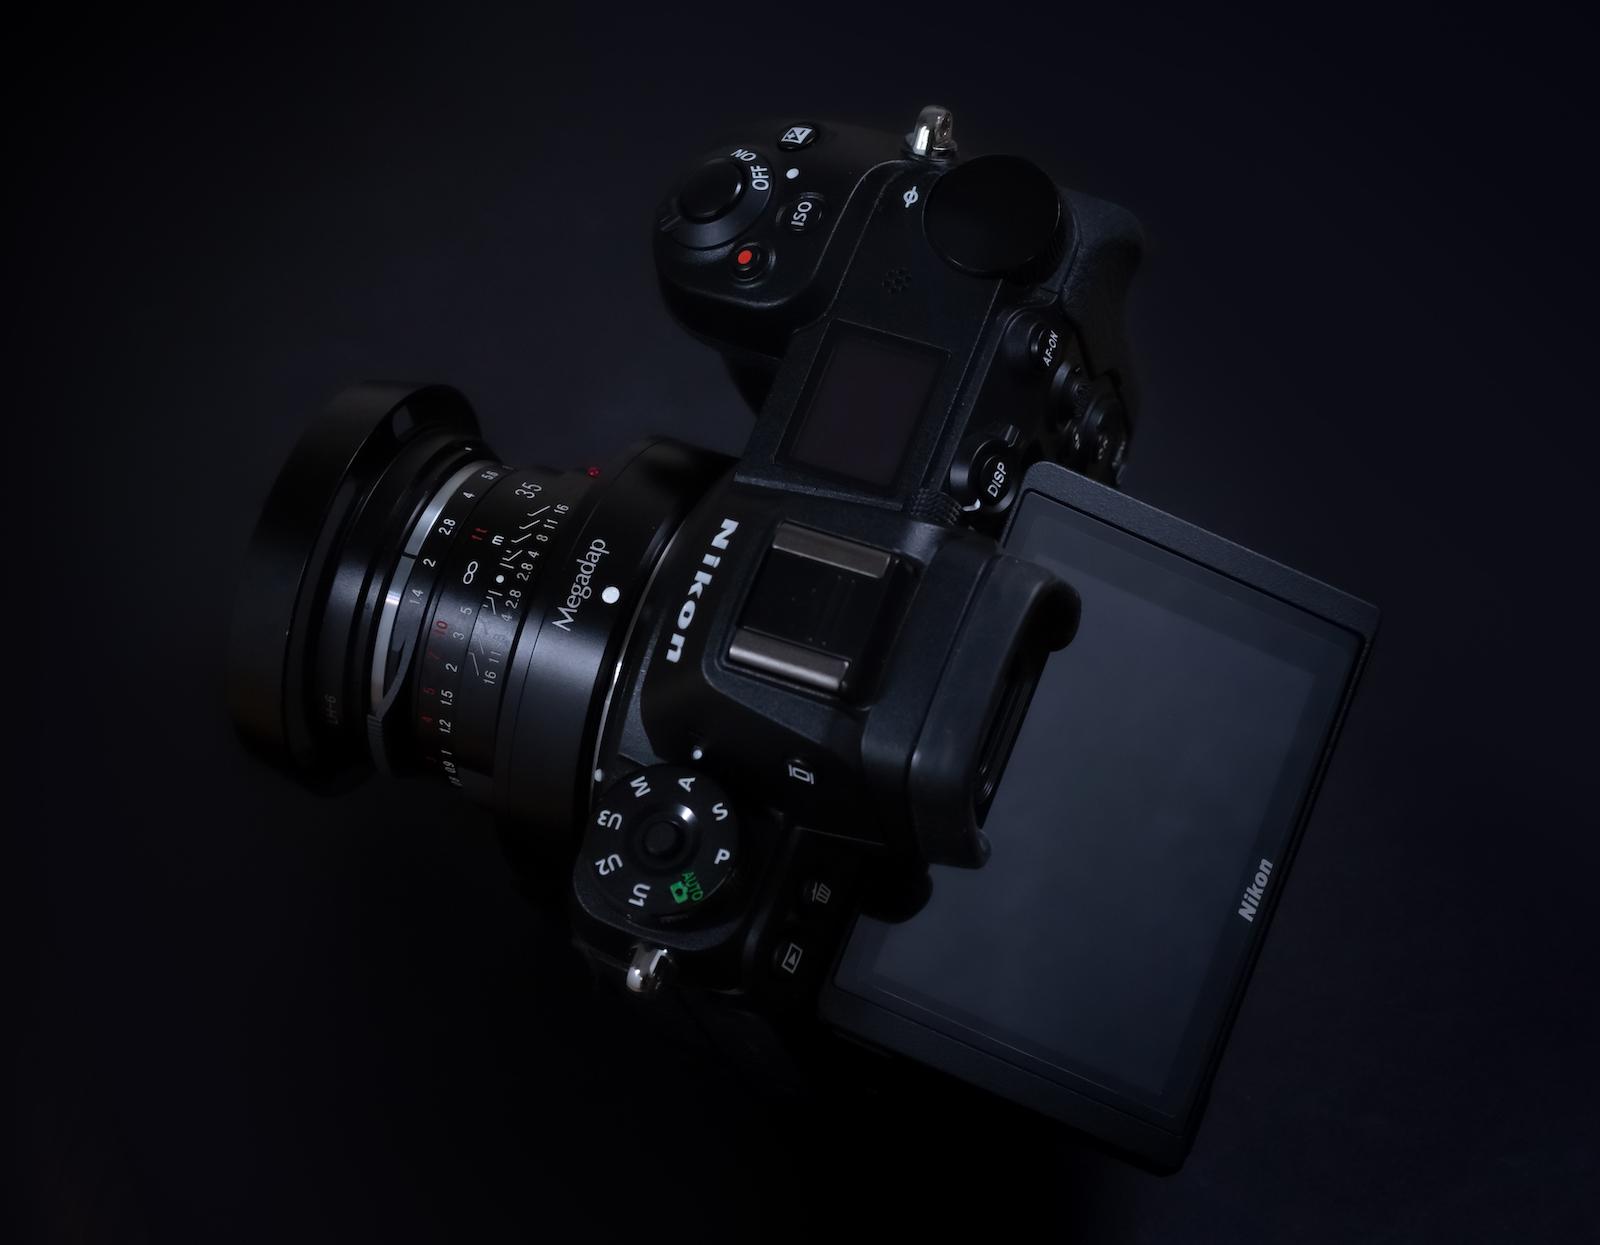 Exclusive offer: $30 off on the Megadap MTZ11 Leica M to Nikon Z autofocus adapter - Leica Rumors